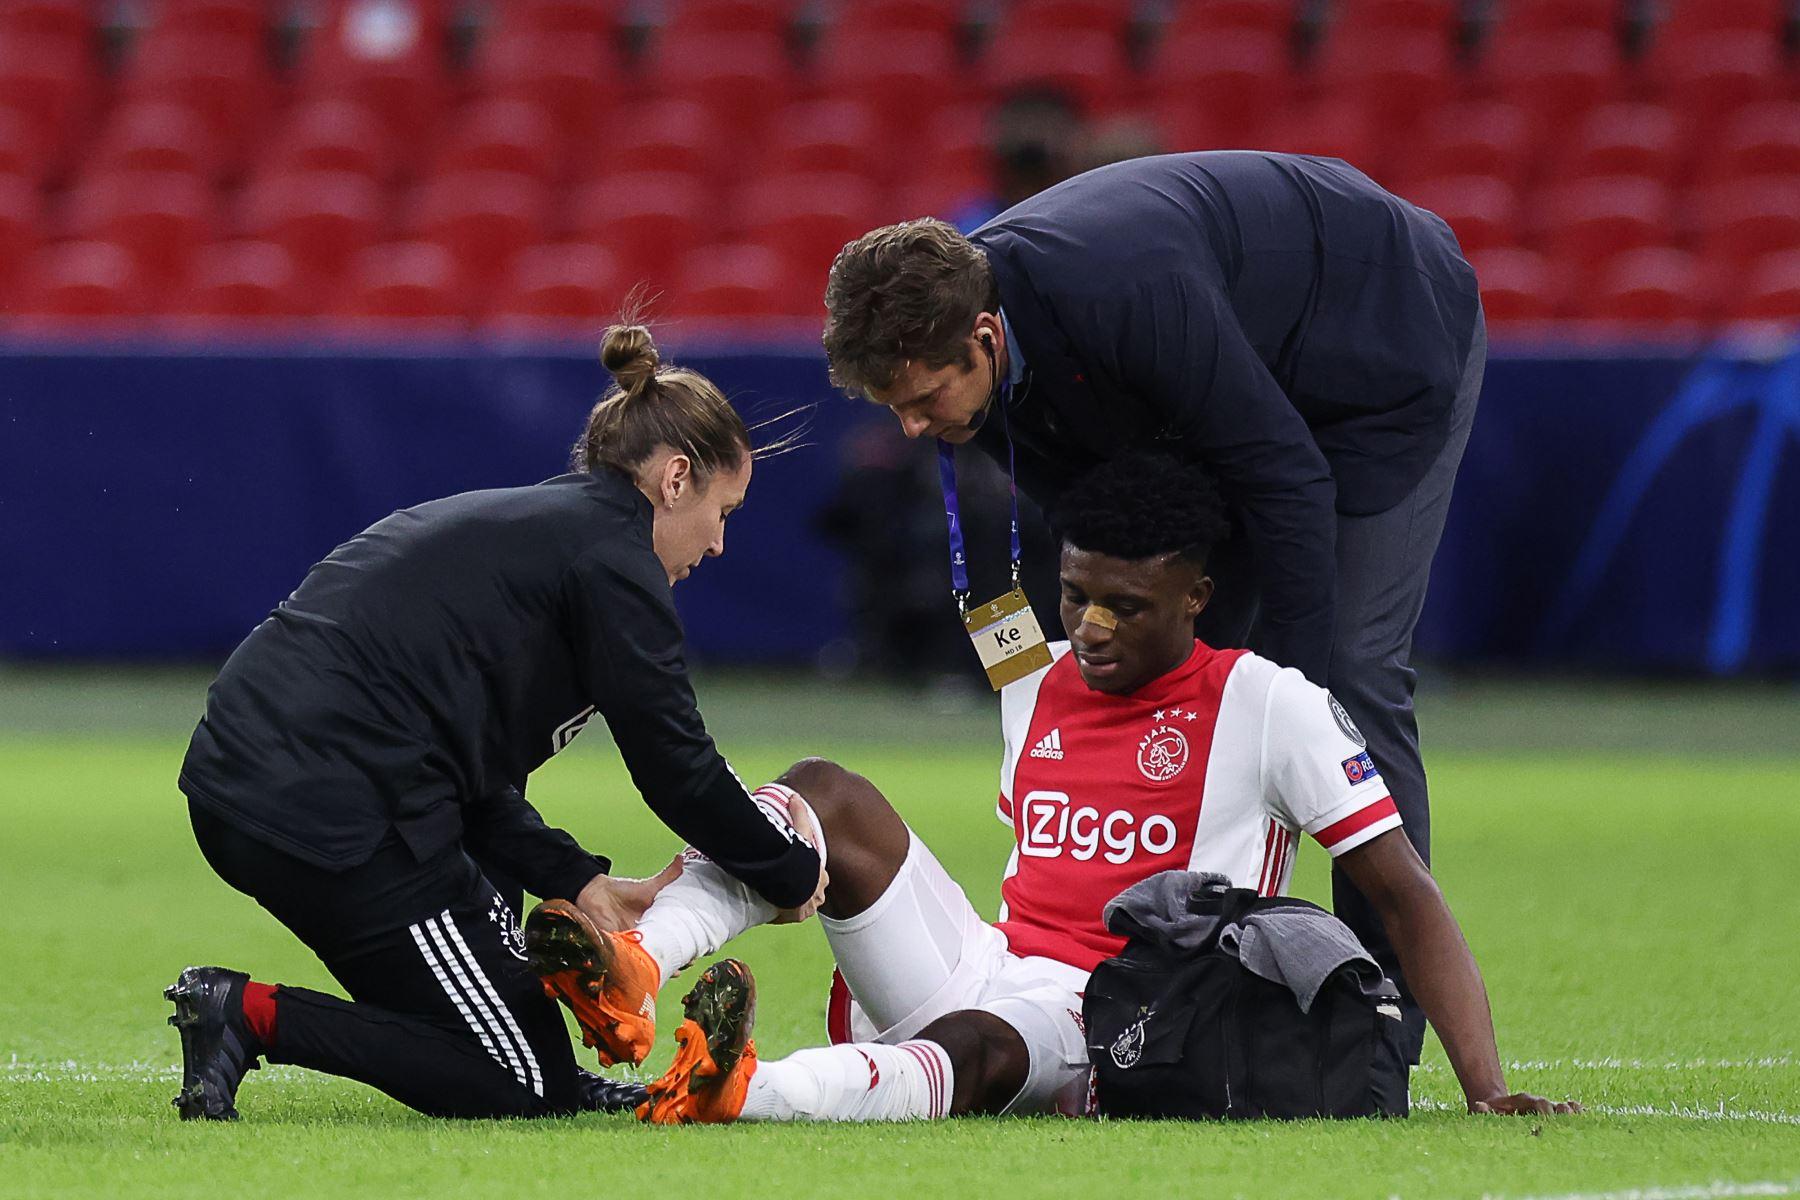 El centrocampista ghanés del Ajax, Mohammed Kudus, recibe atención médica durante el partido de fútbol de ida del Grupo D de la Liga de Campeones de la UEFA. Foto: AFP